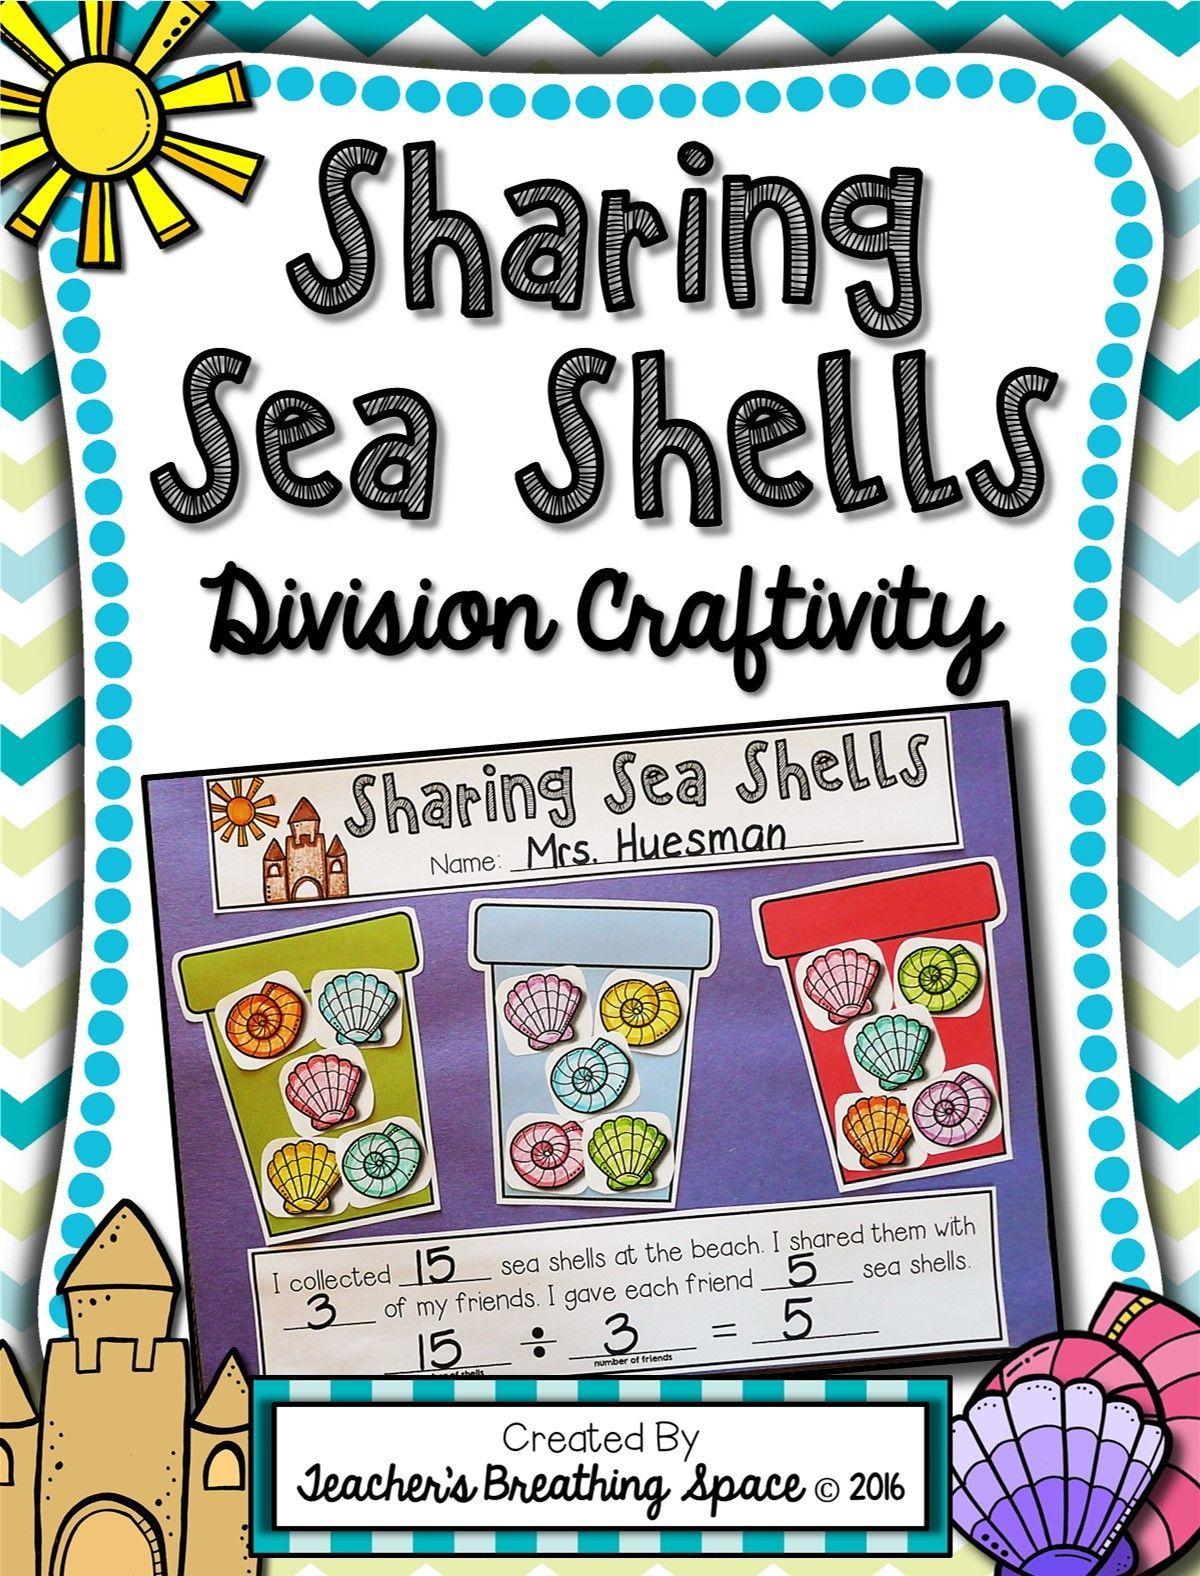 Beginning Division Craftivity Sharing Sea Shells